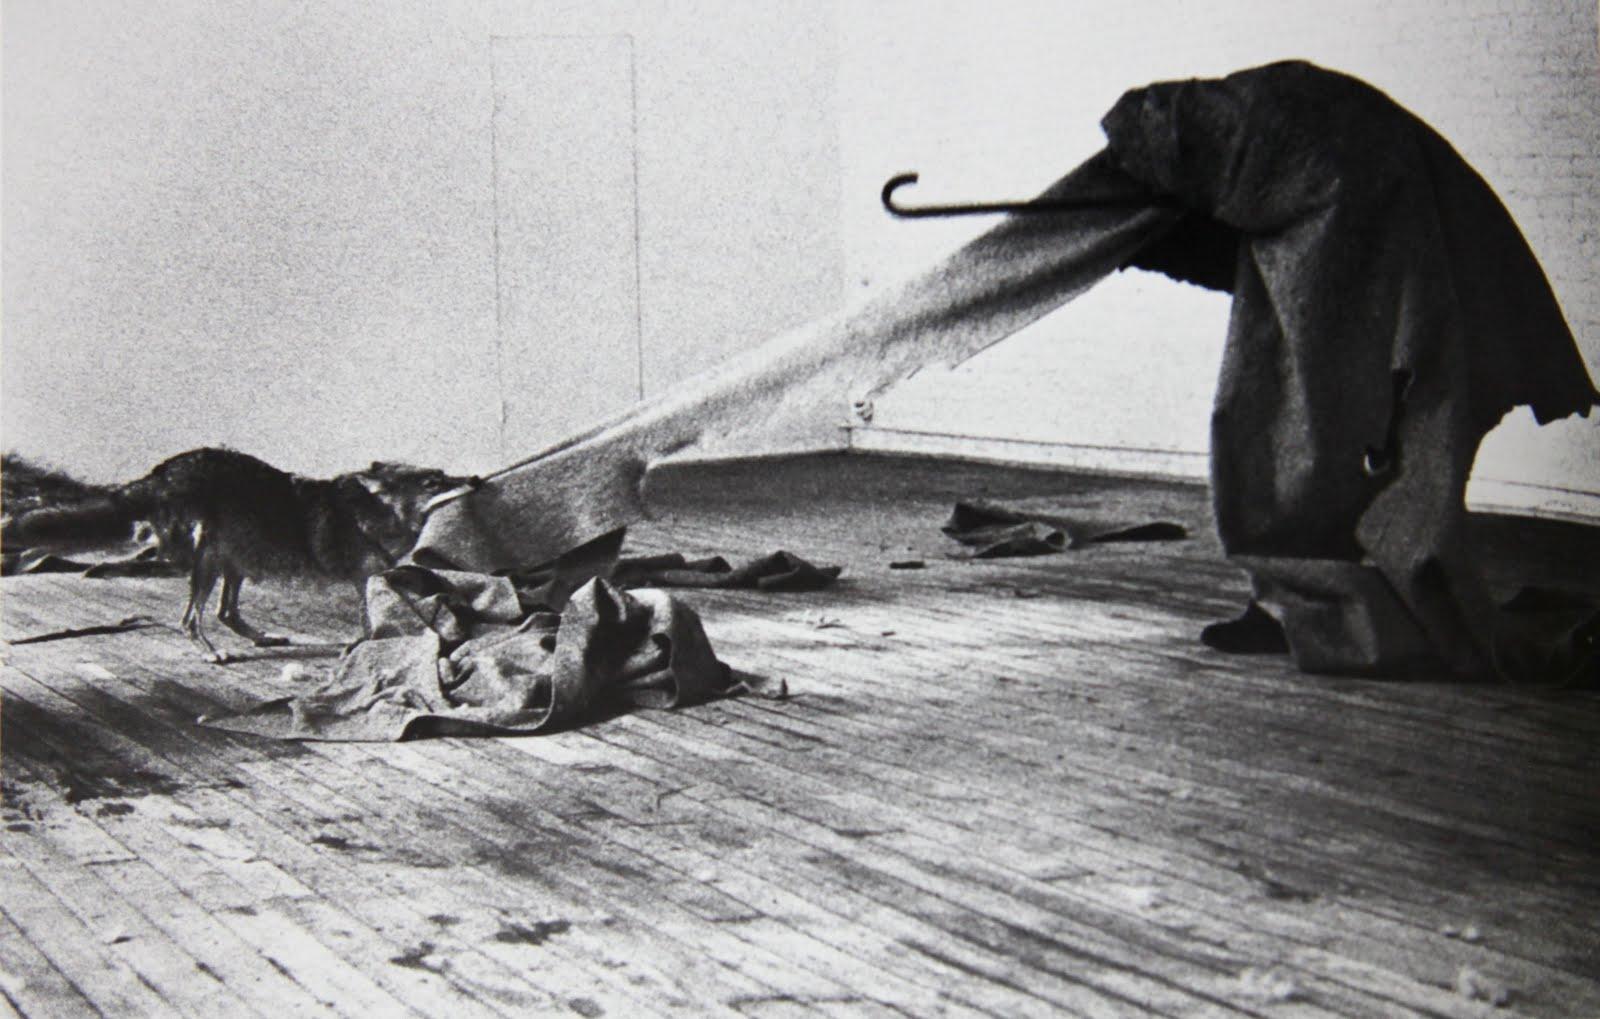 Joseph Beuys,  I like America and America likes me , 1974